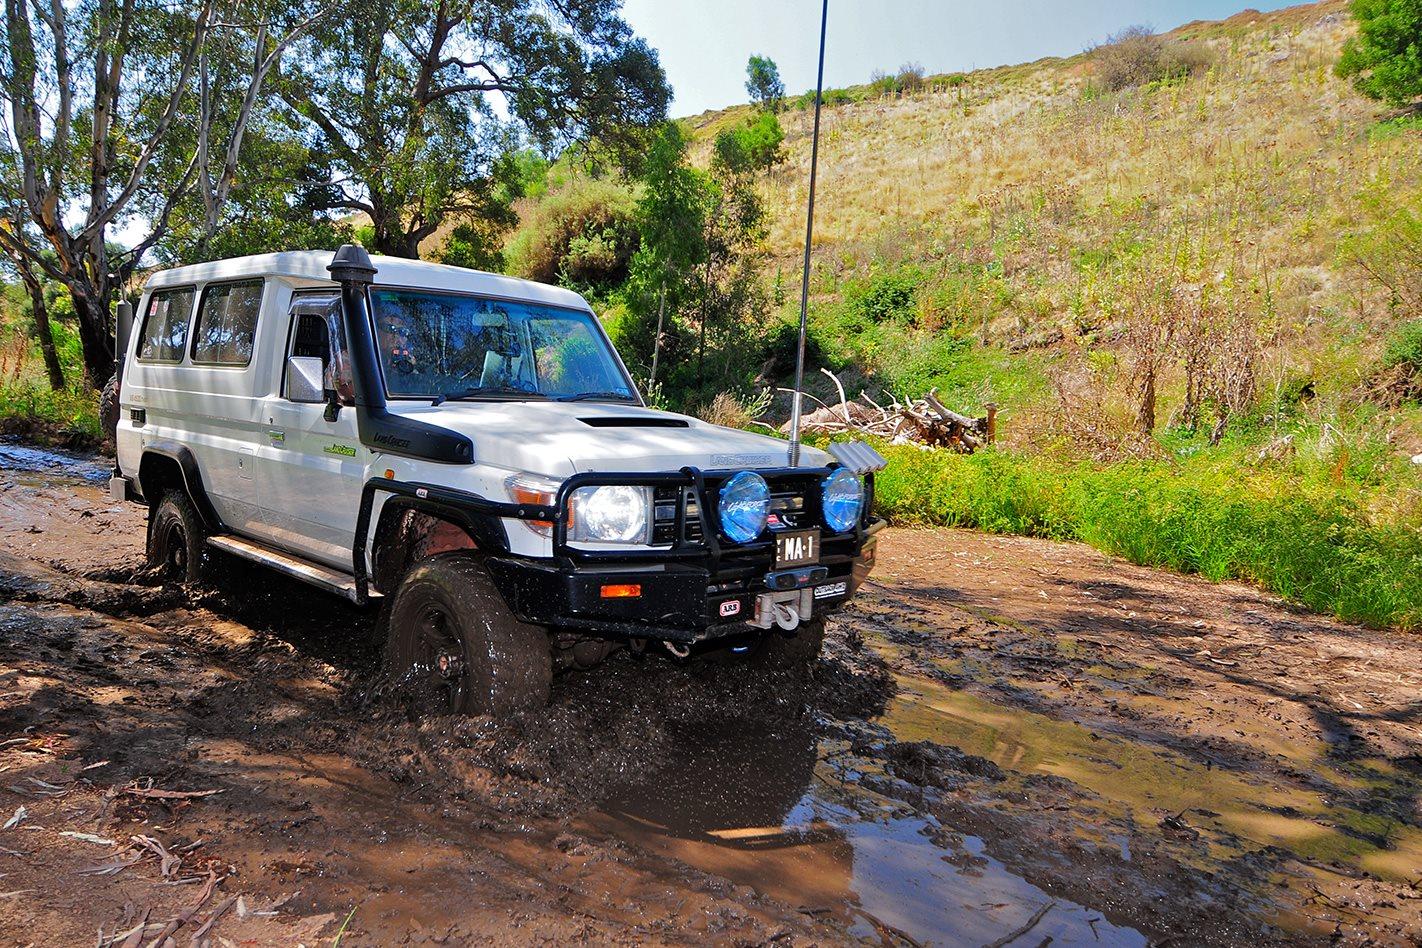 2008-Toyota-Troop-Carrier-custom-mud-terrain.jpg